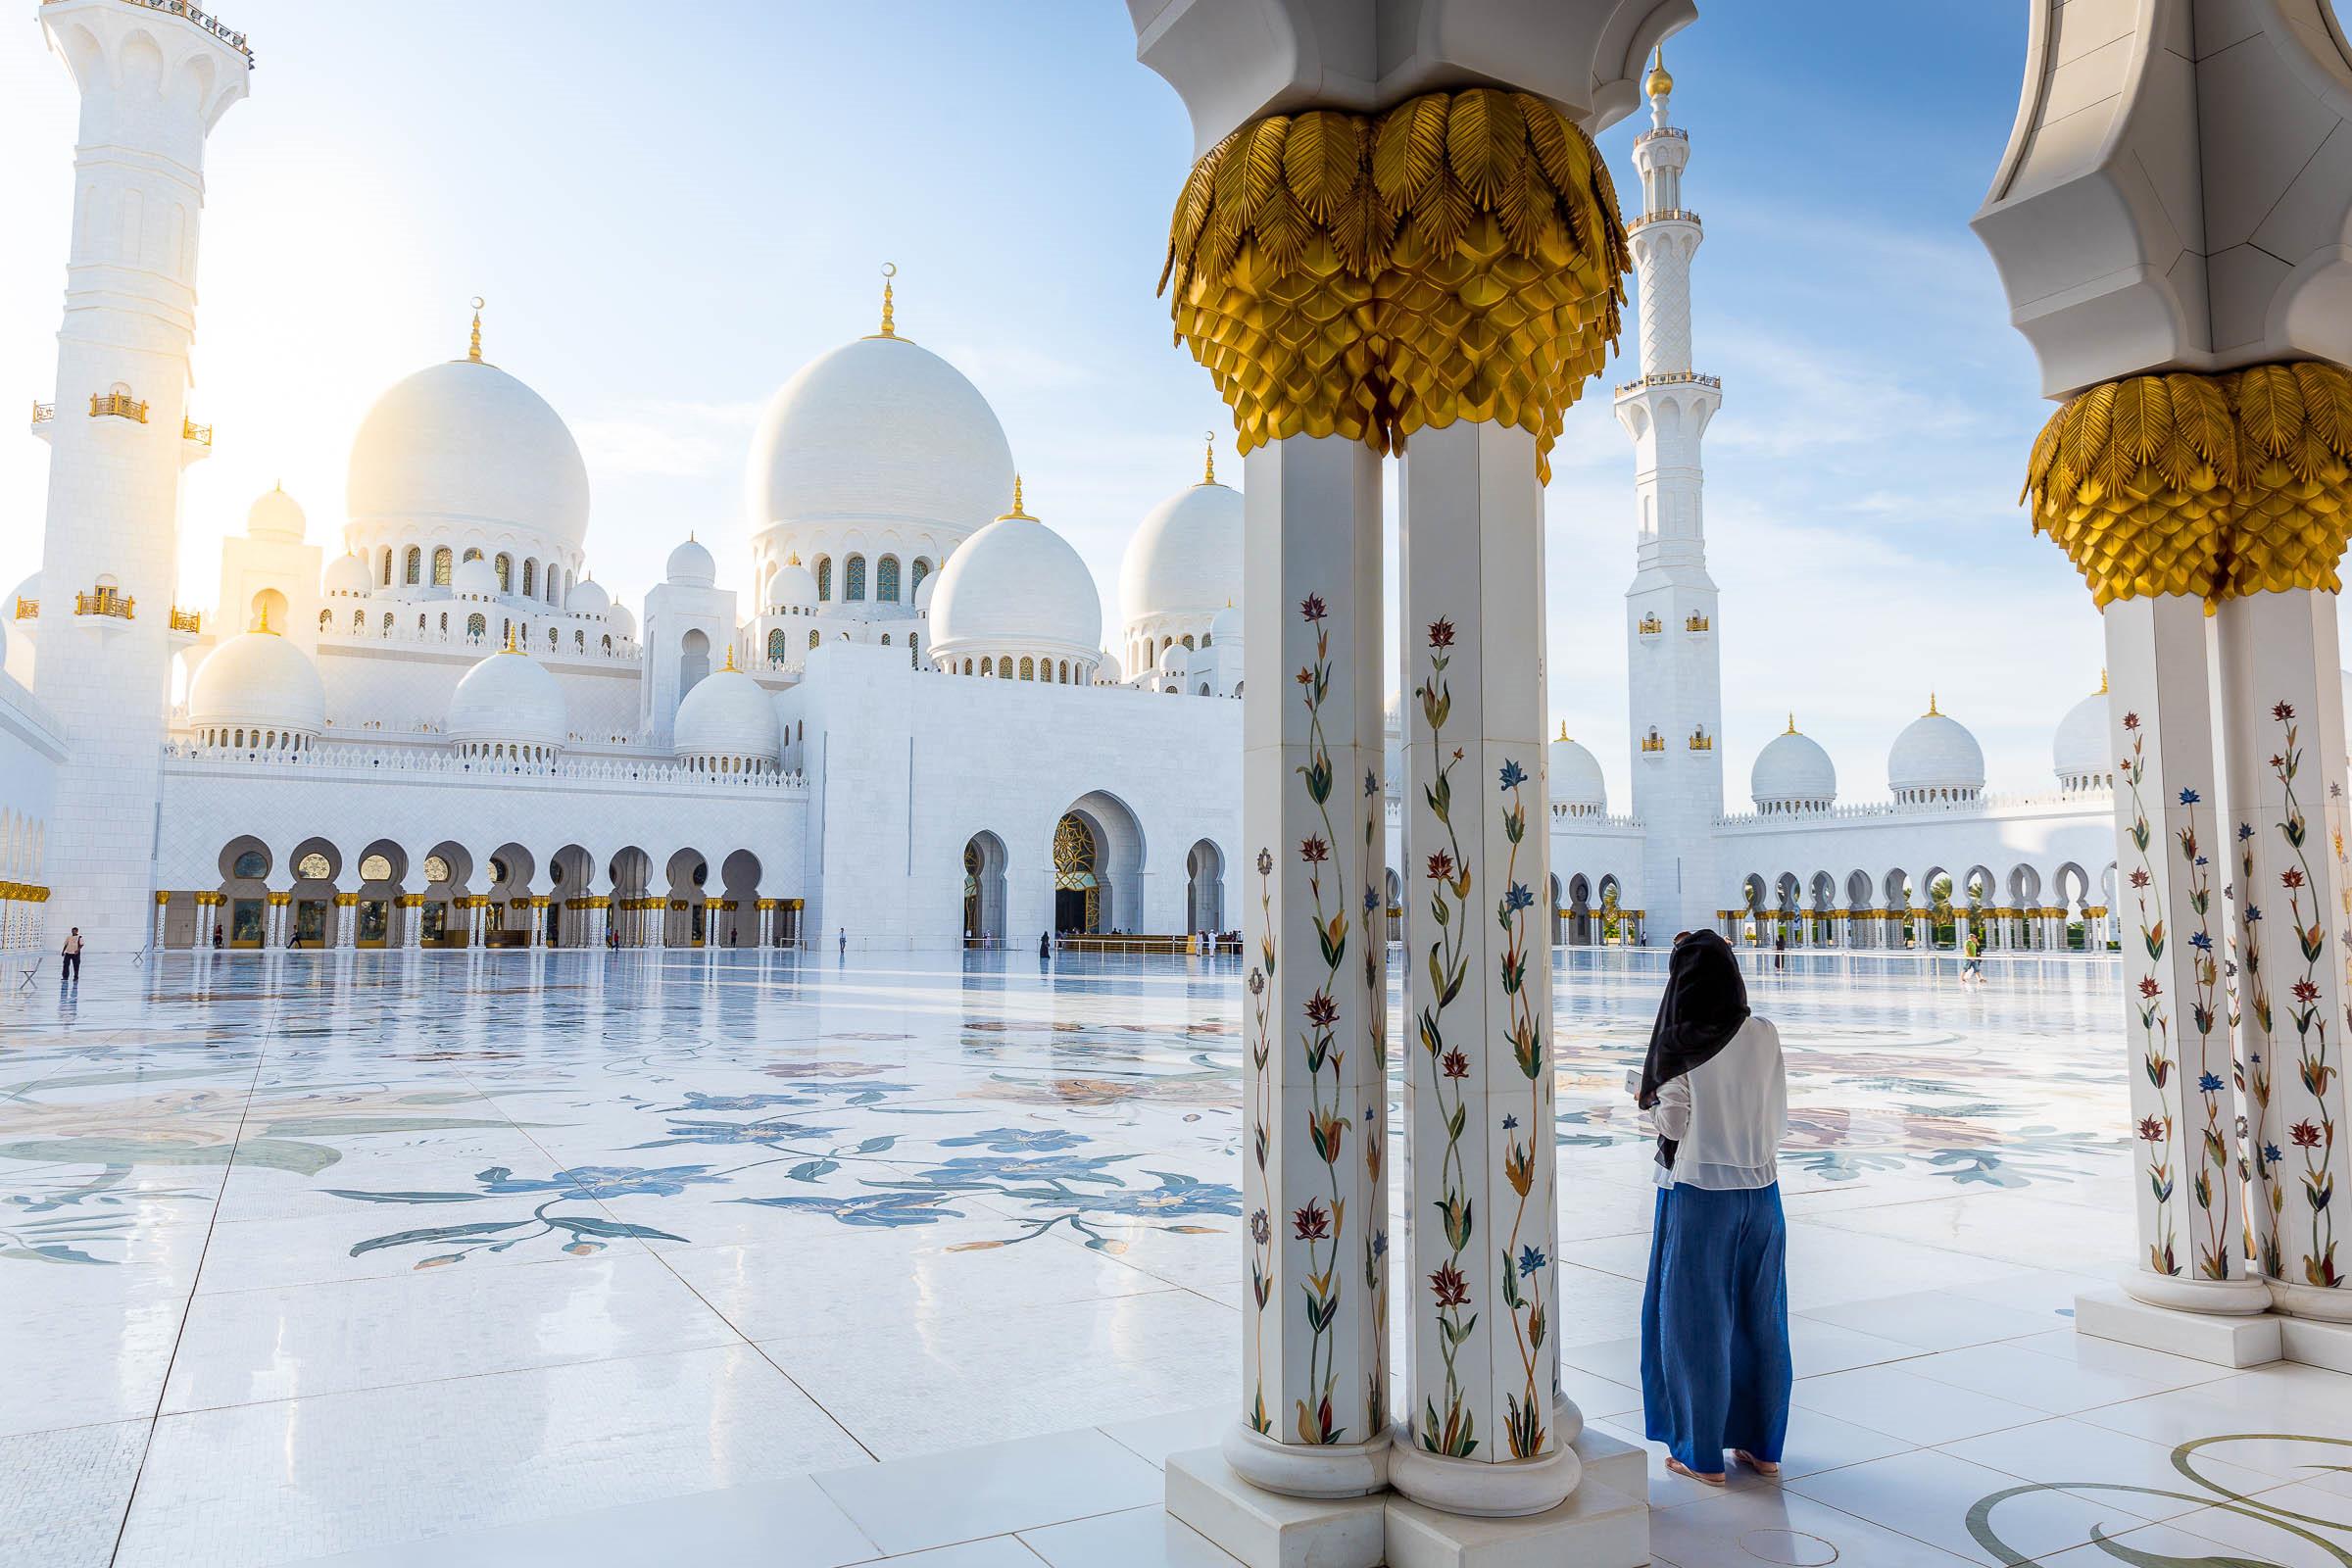 Nhà thờ Hồi giáo độc đáo của vùng Trung Đông Ảnh 10